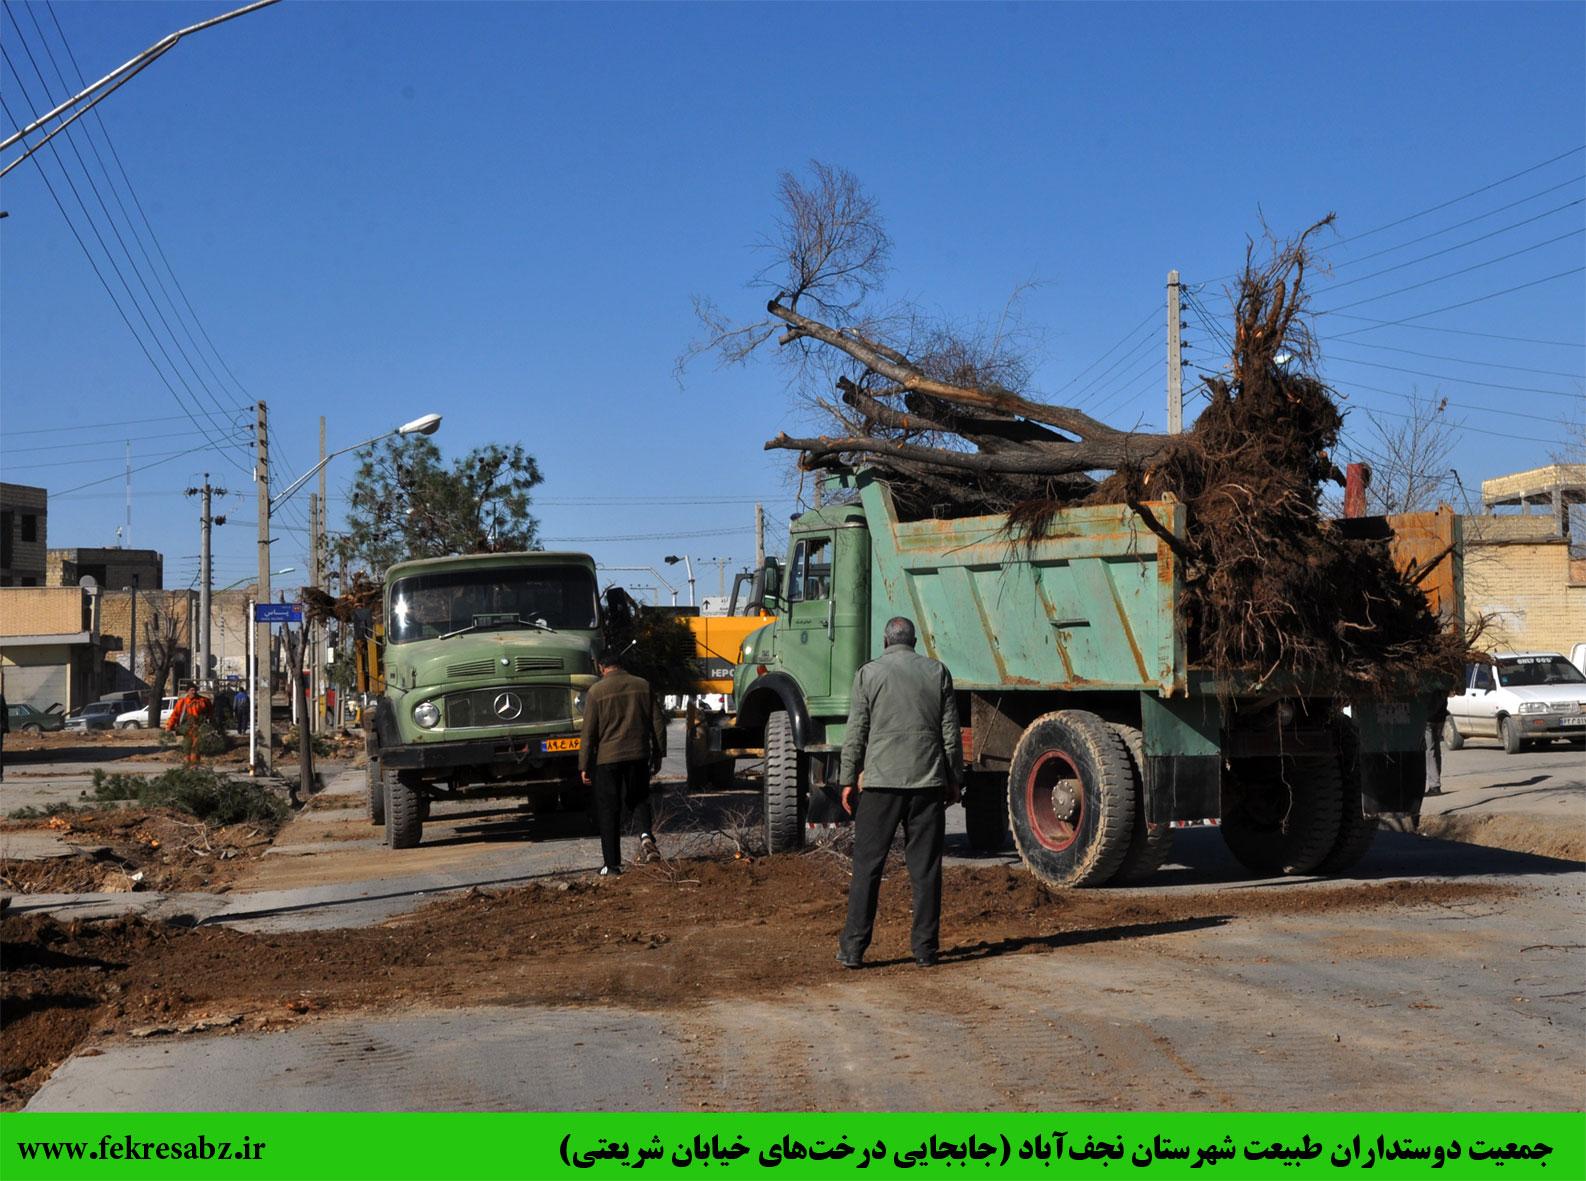 اقدامی کم نظیر در نجف آباد:تراژدی قطع درختان  جایش را با جابه جایی جابه جا کرد